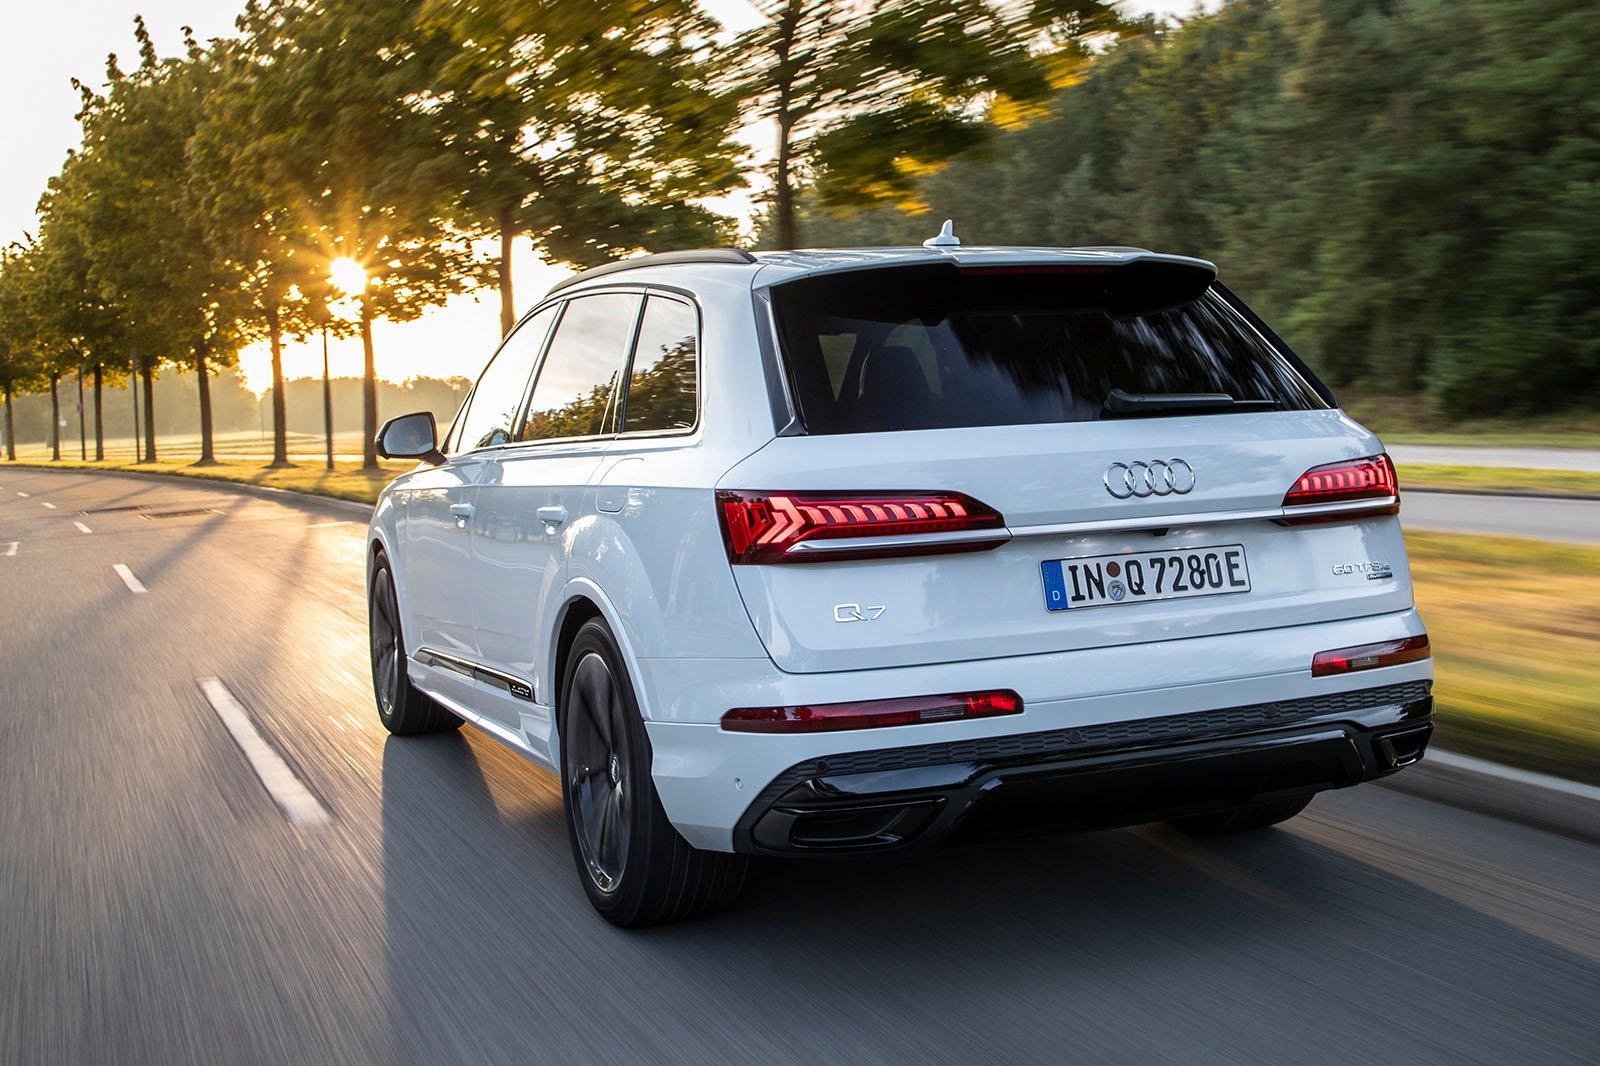 2020 Audi Q7 60 TFSIe rear